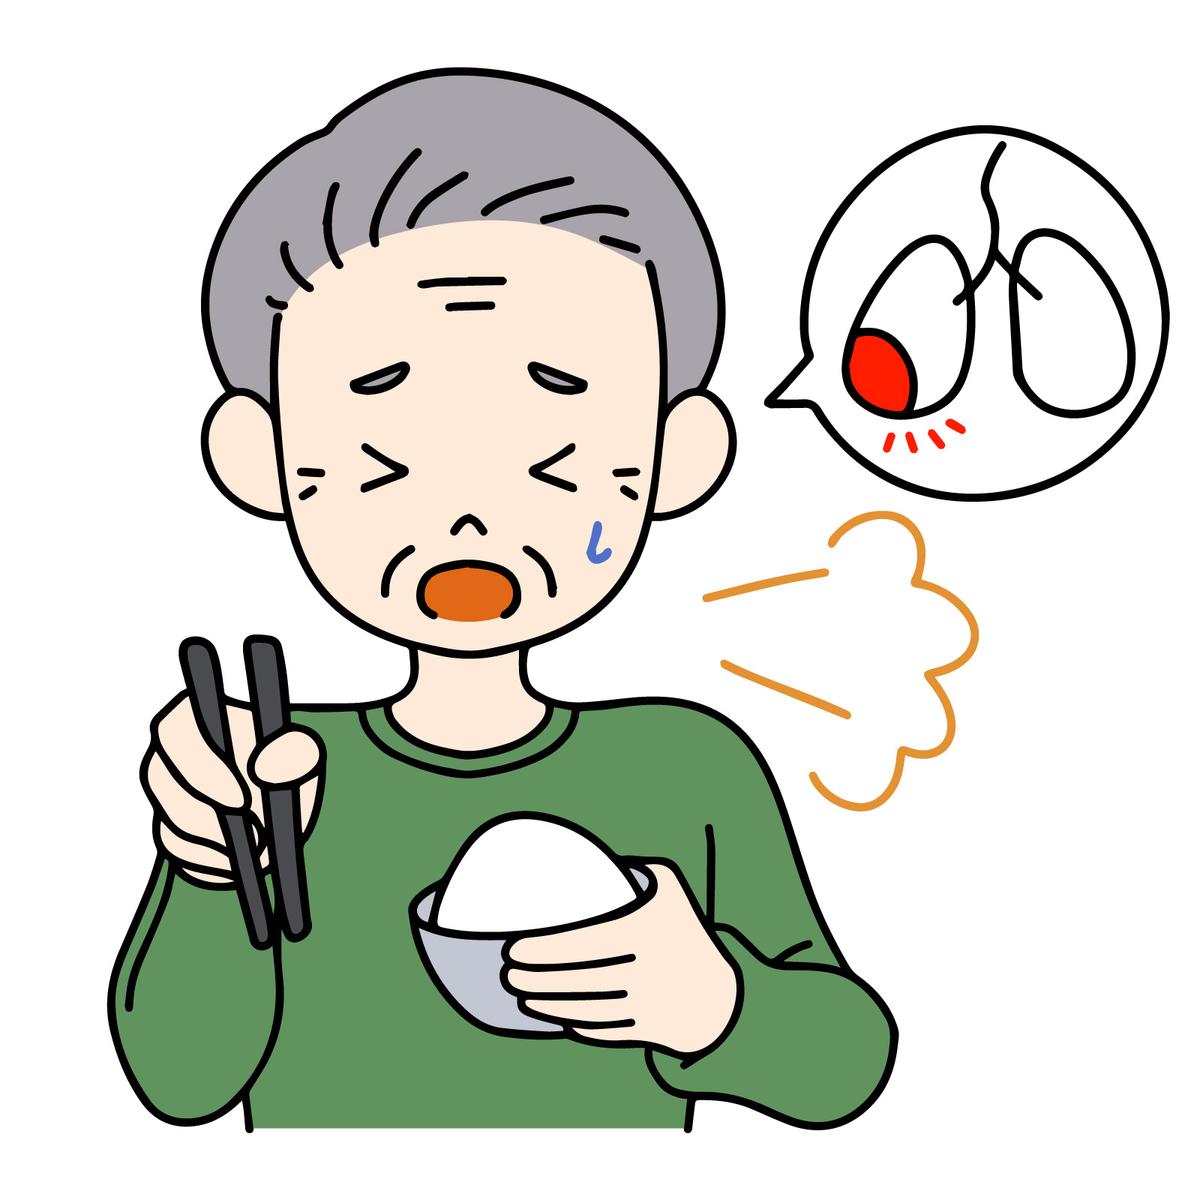 f:id:yurukawa:20210526155926j:plain